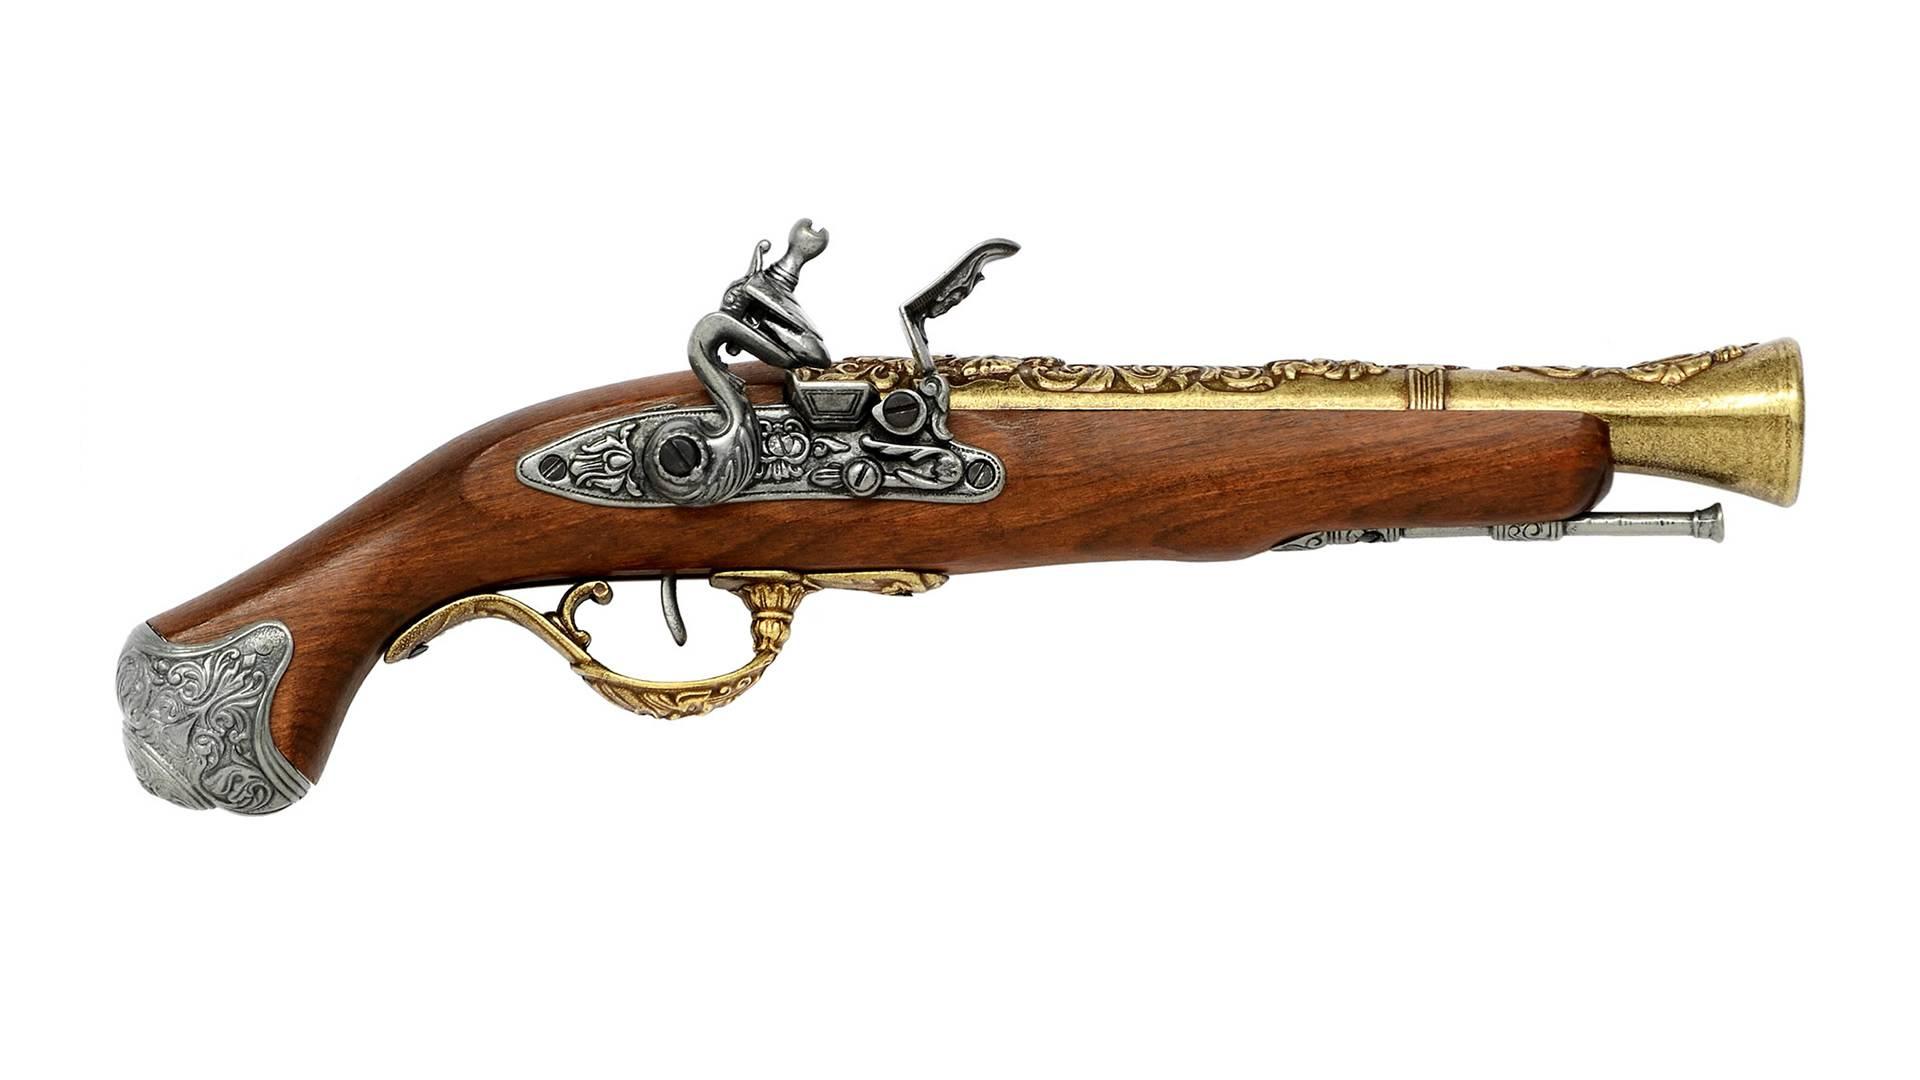 Мушкет — силы пехоты и оружие бравых солдат. оружие эпохи - мушкет кто изобрел мушкетон 16 века